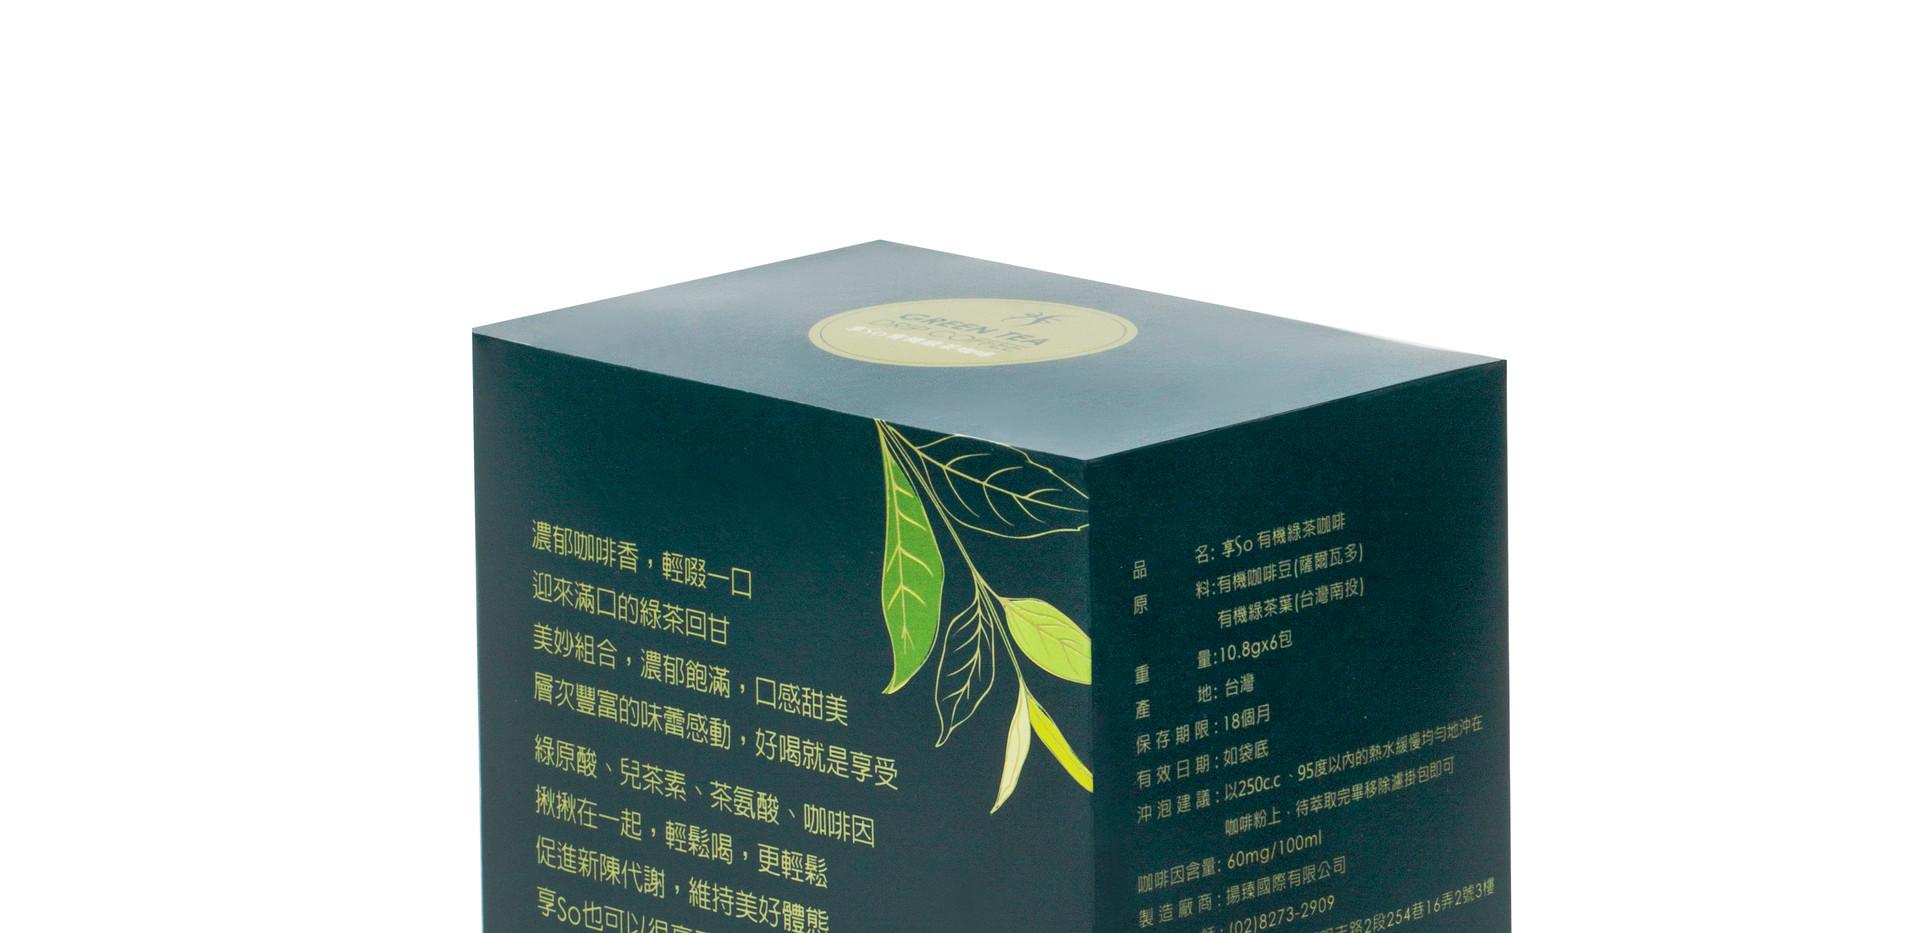 綠盒側面.jpg